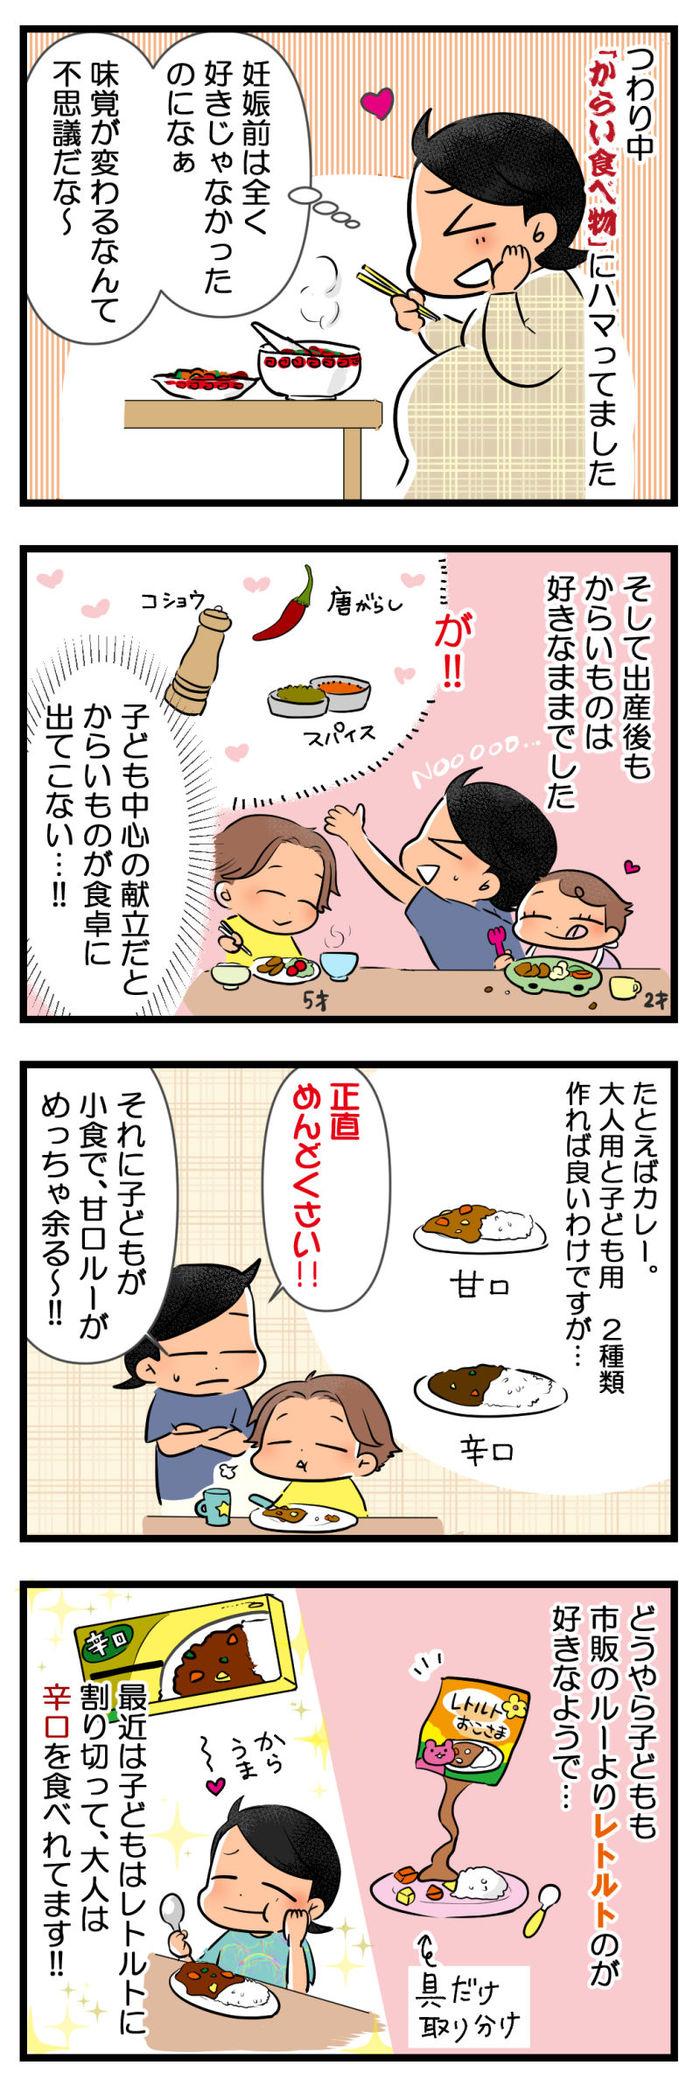 「からいものを食べたい」と「子どもも喜ぶように」を叶えるやり方、みーつけた!の画像1